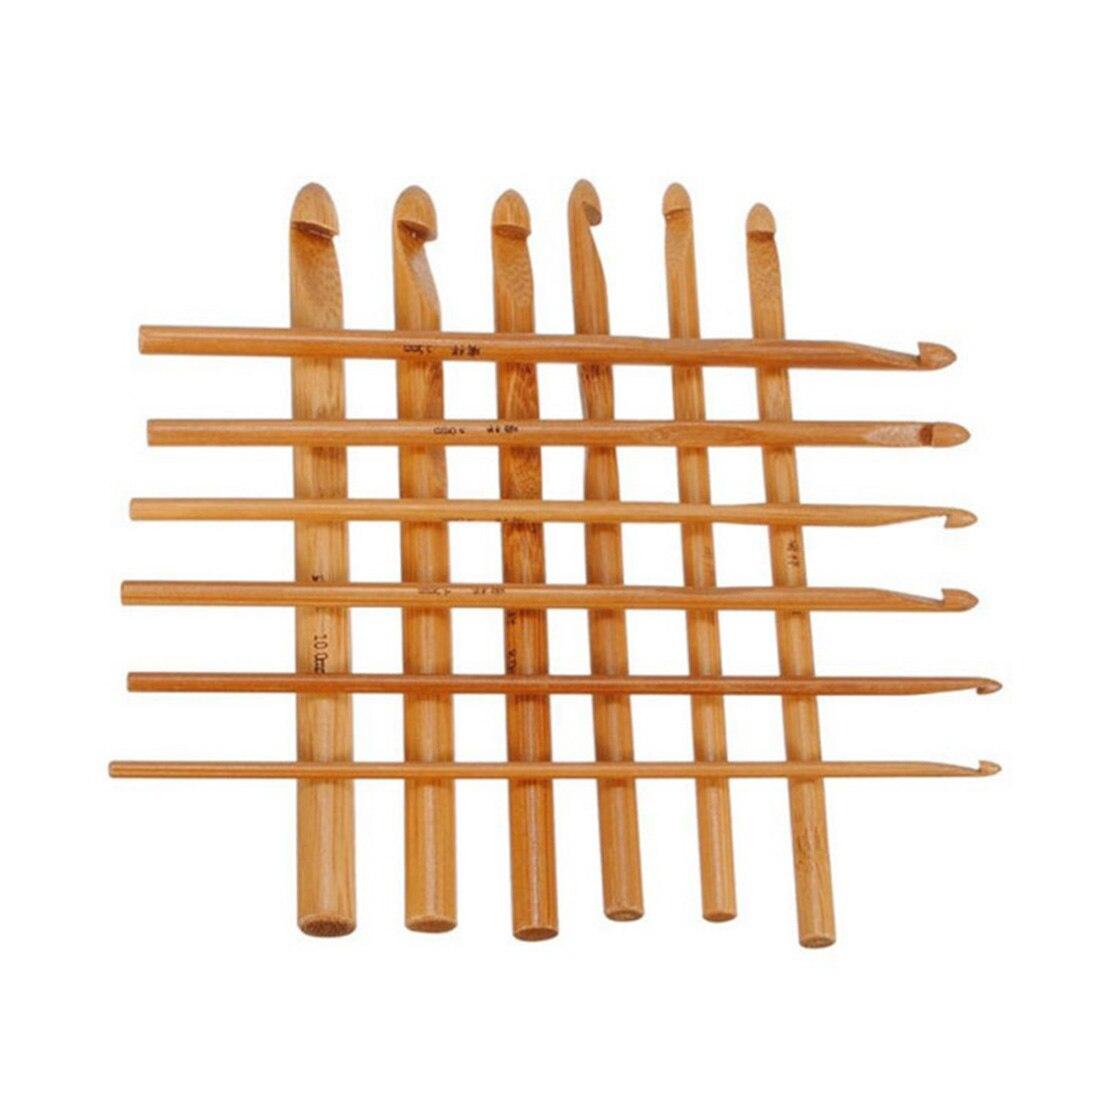 12Pcs Bambou Crochet Bois Crochets à Tricoter Fil Aiguilles Artisanat Outils 12 Tailles